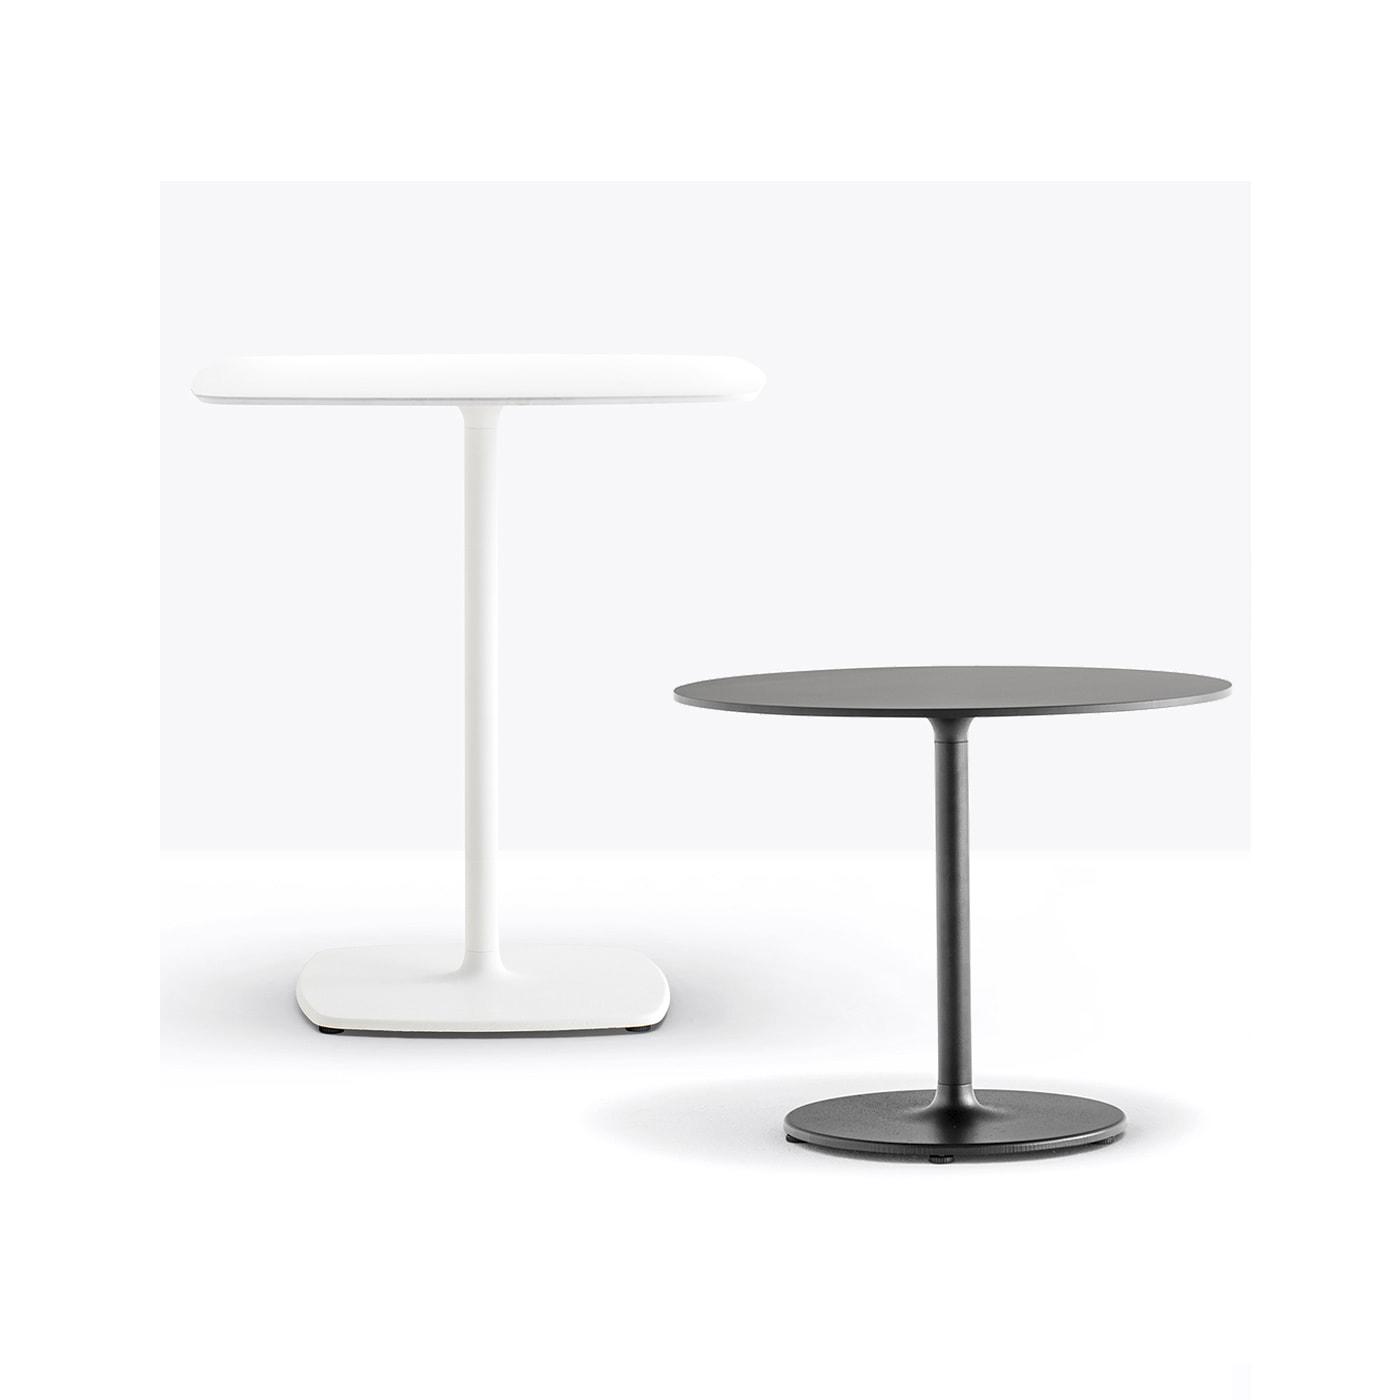 Pedrali Stylus tavolo ghisa acciaio - vendita online